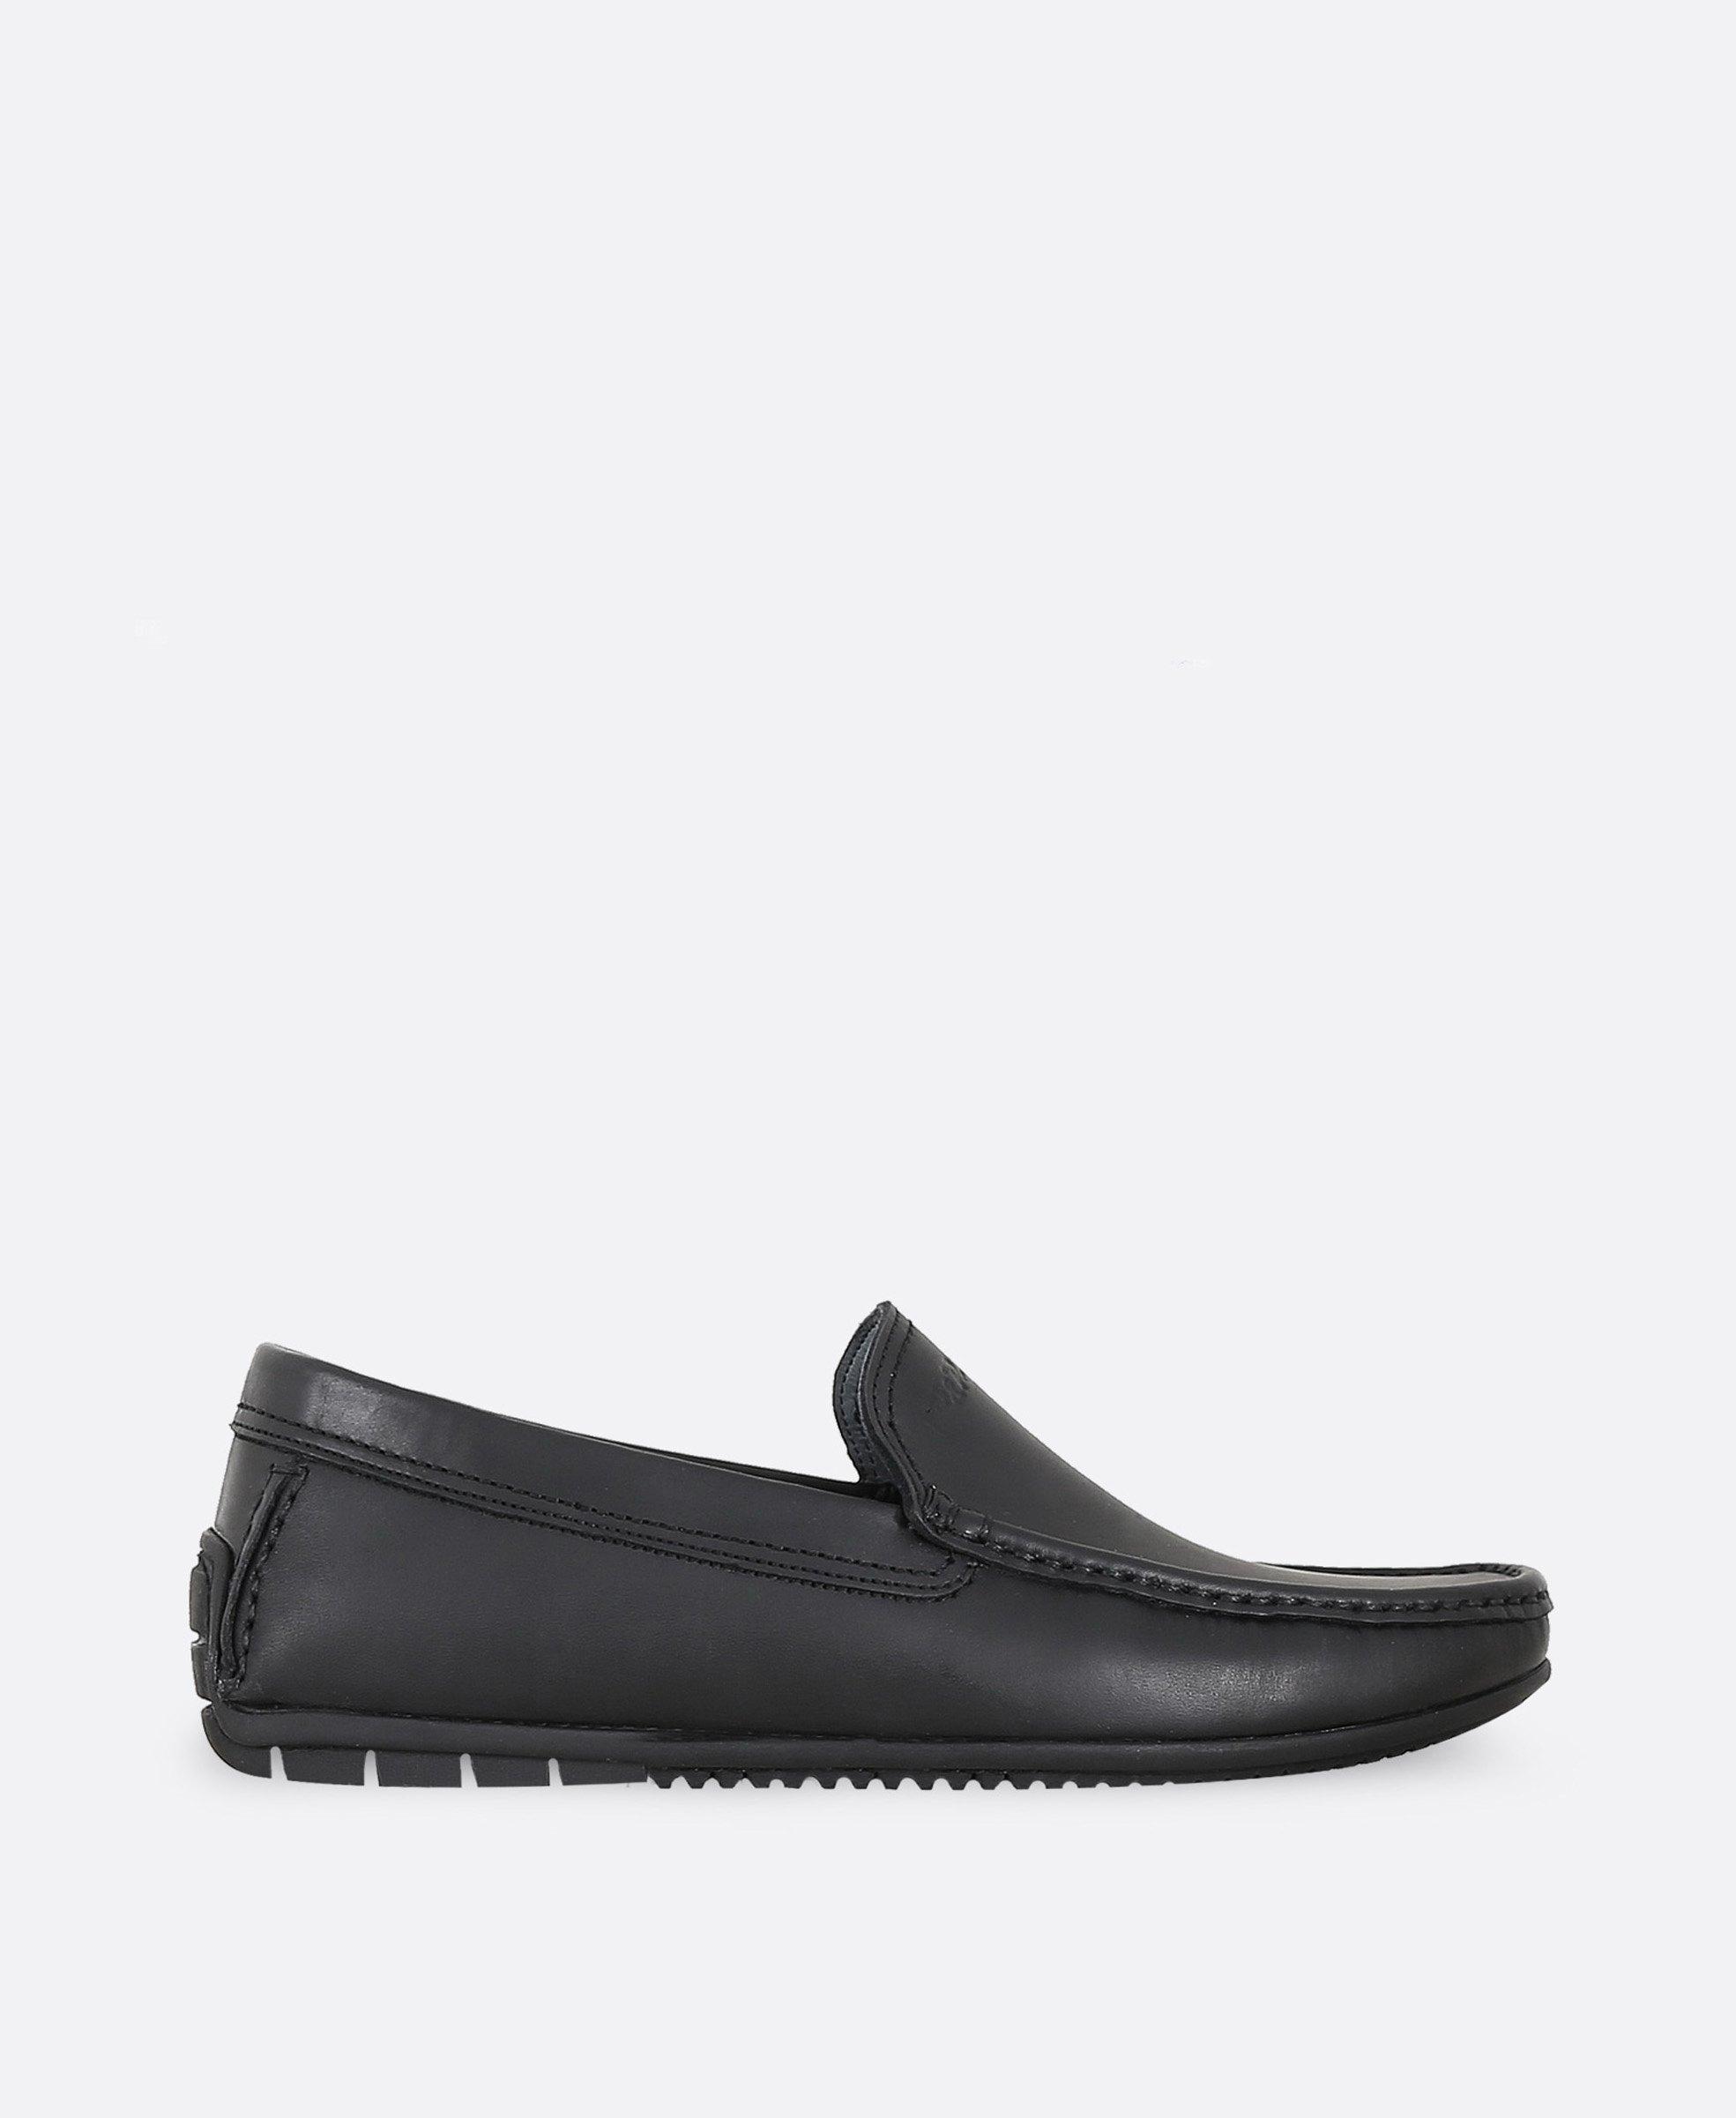 کفش کالج مردانه چرم 3450